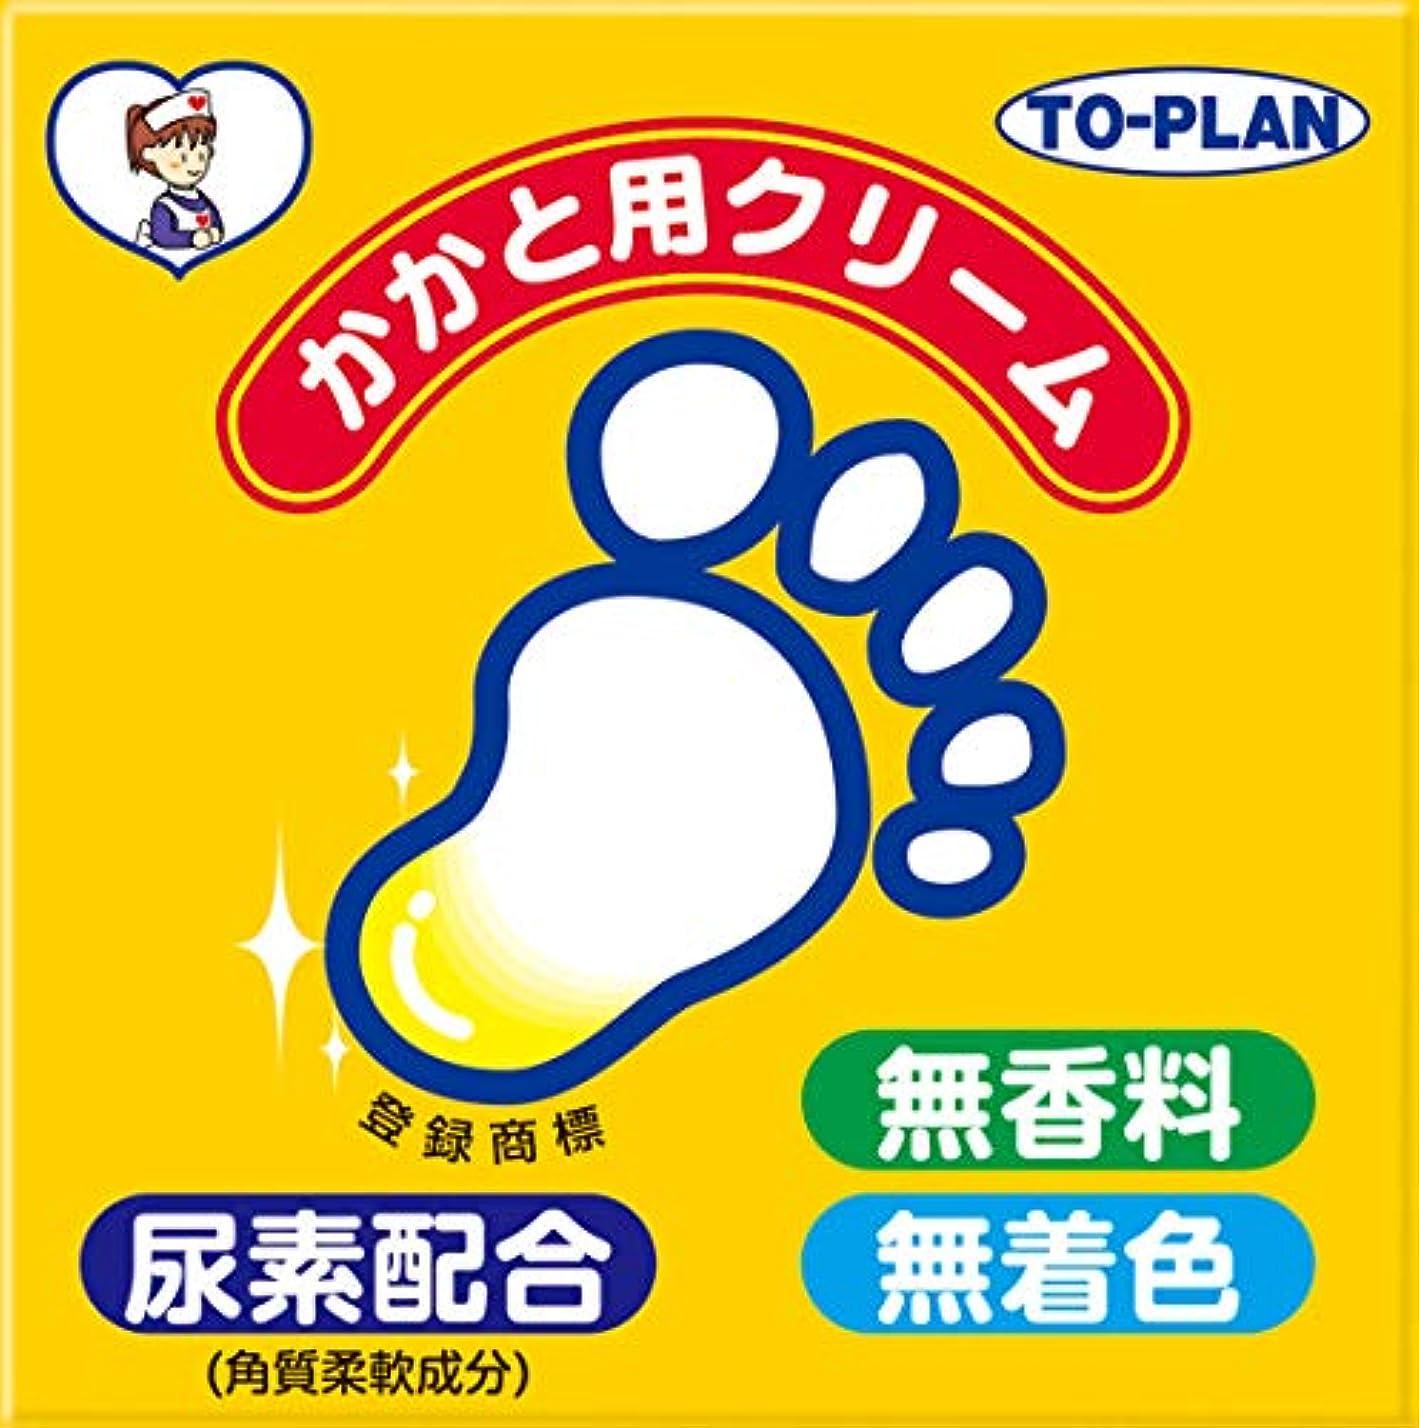 トレイ明確に対話TO-PLAN(トプラン) かかとクリーム110g 尿素配合クリーム